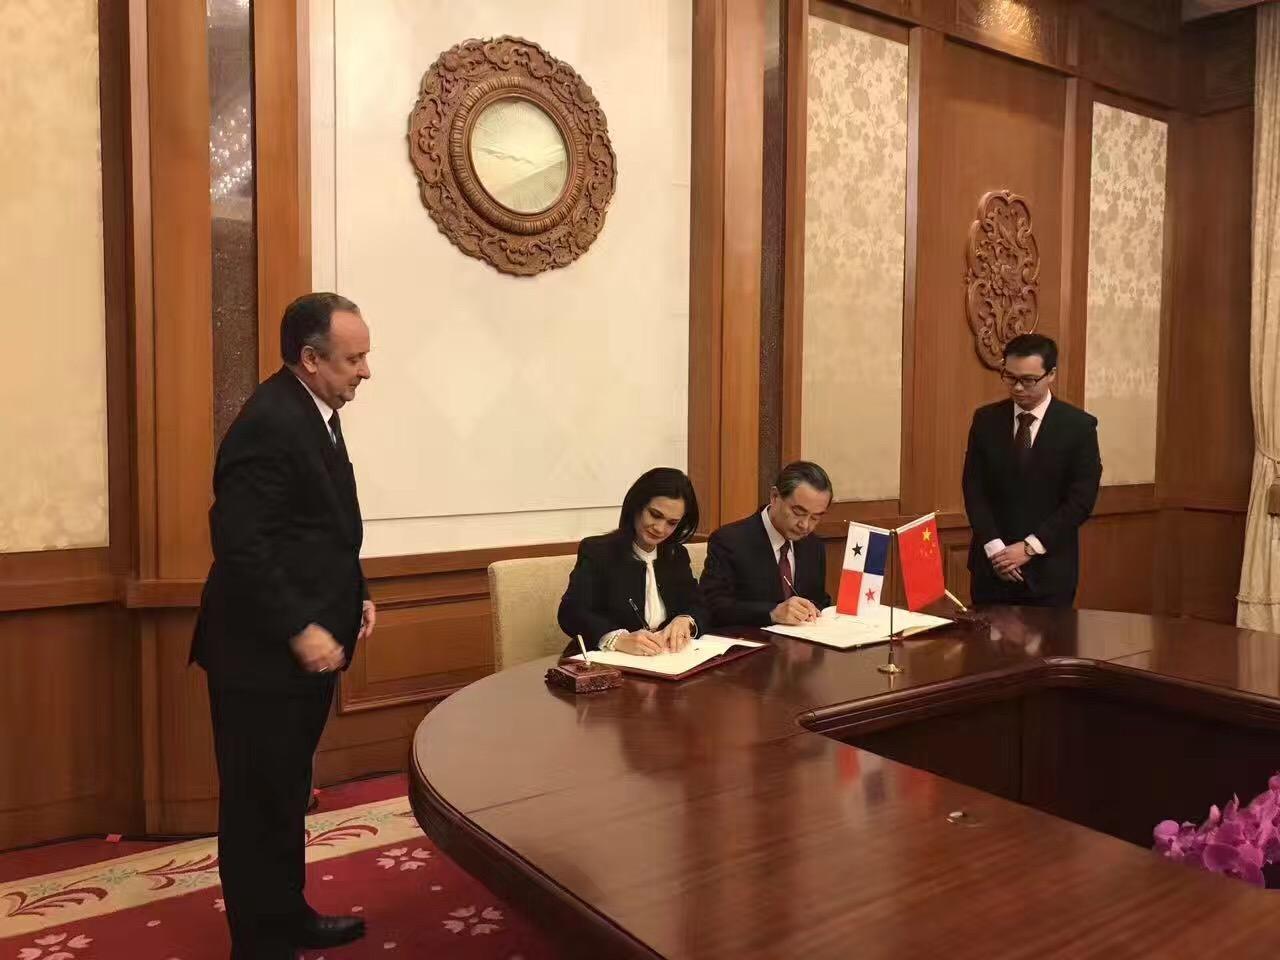 外交部长王毅和巴拿马外长签署联合公报 - 天在上头 - 我的信息博客